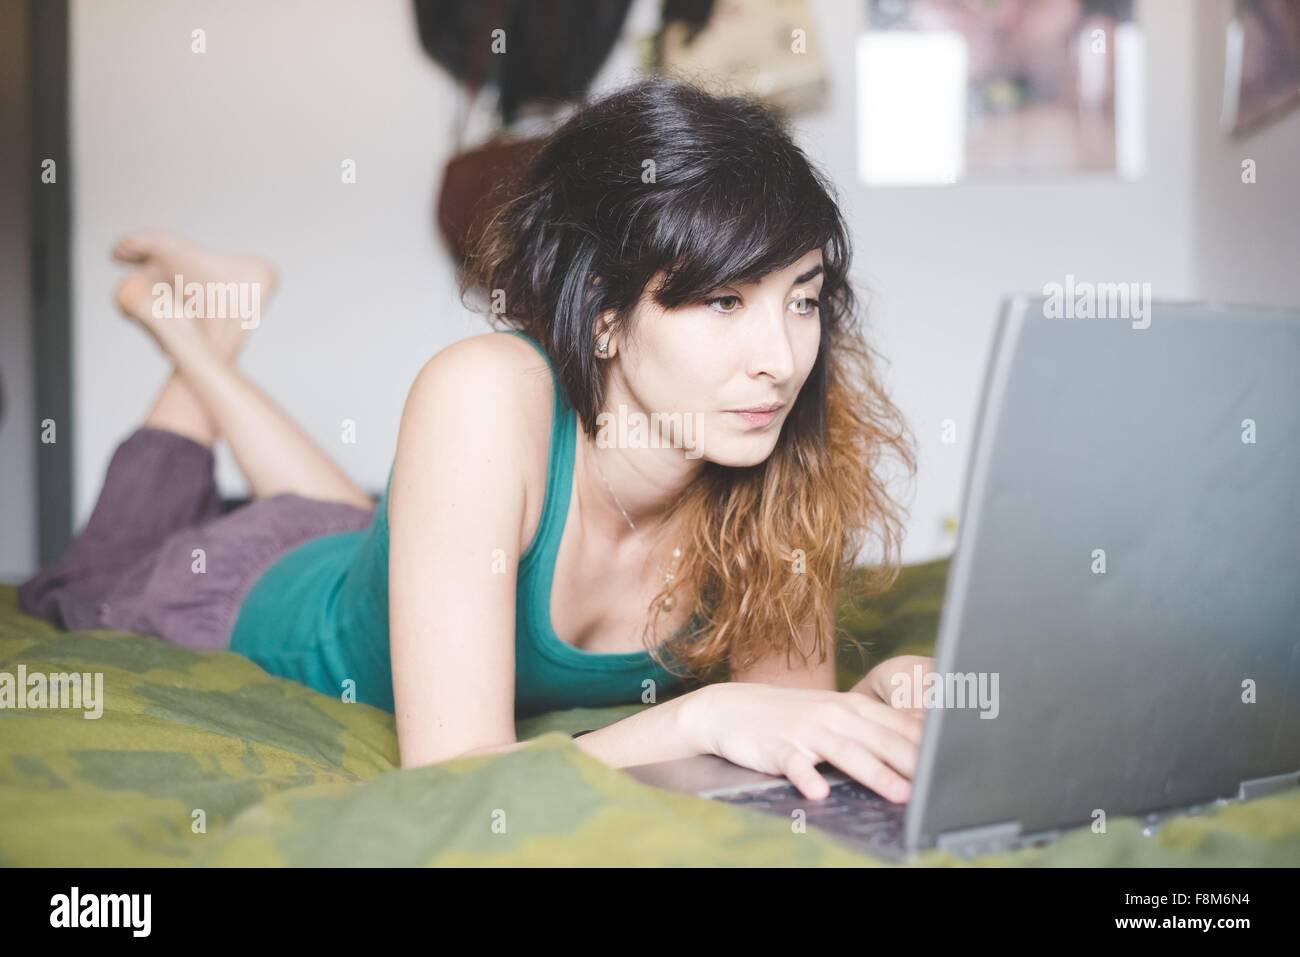 Mujer joven tumbado en la parte delantera de la cama mediante ordenador portátil Imagen De Stock